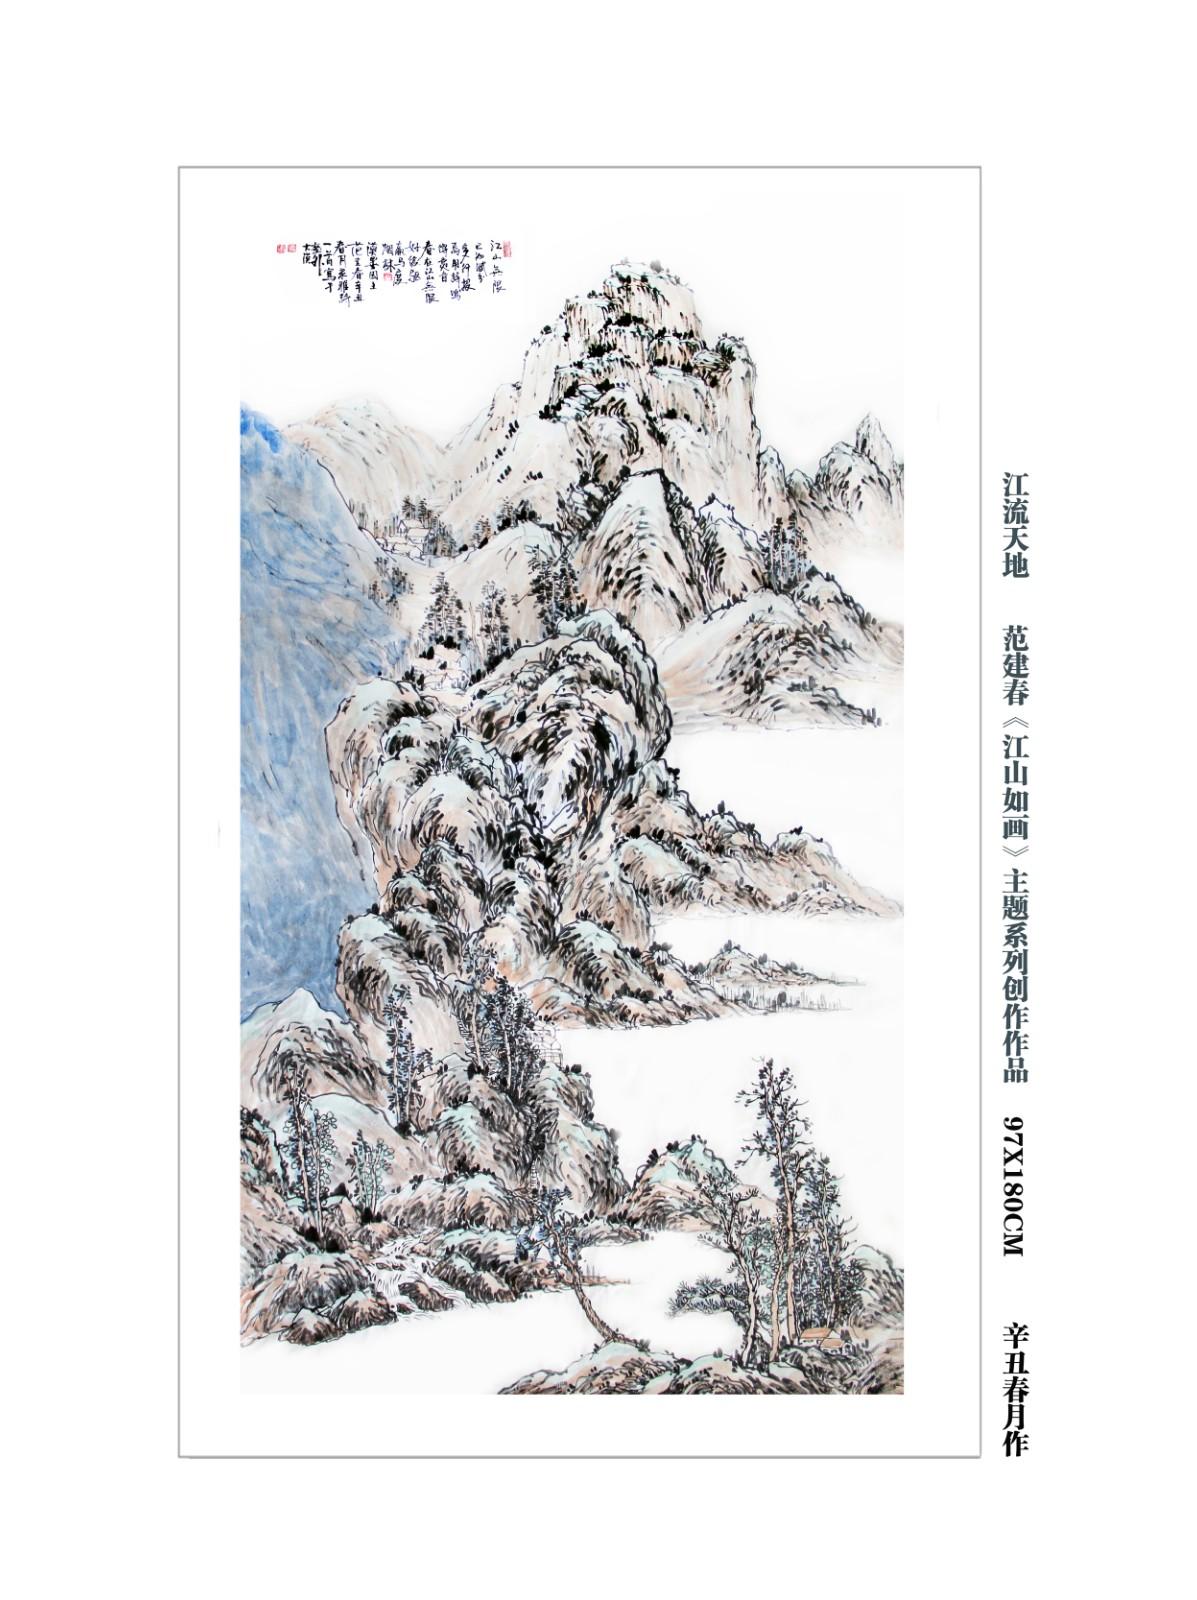 范建春《江山如画》系列国画作品_图1-4